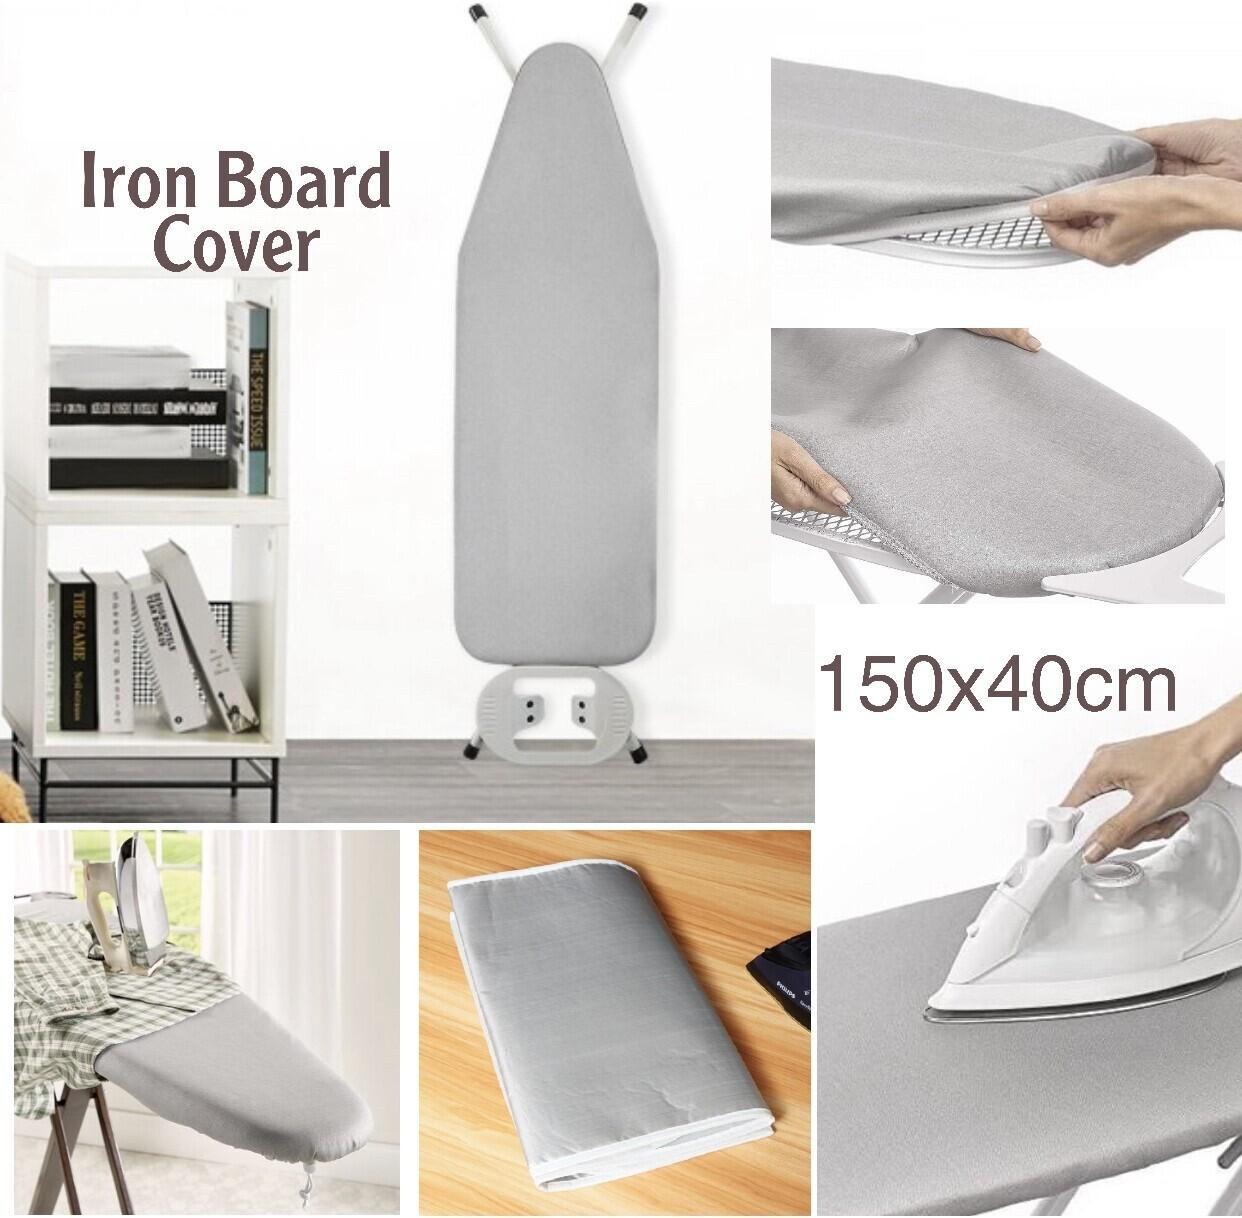 Iron Board Cover